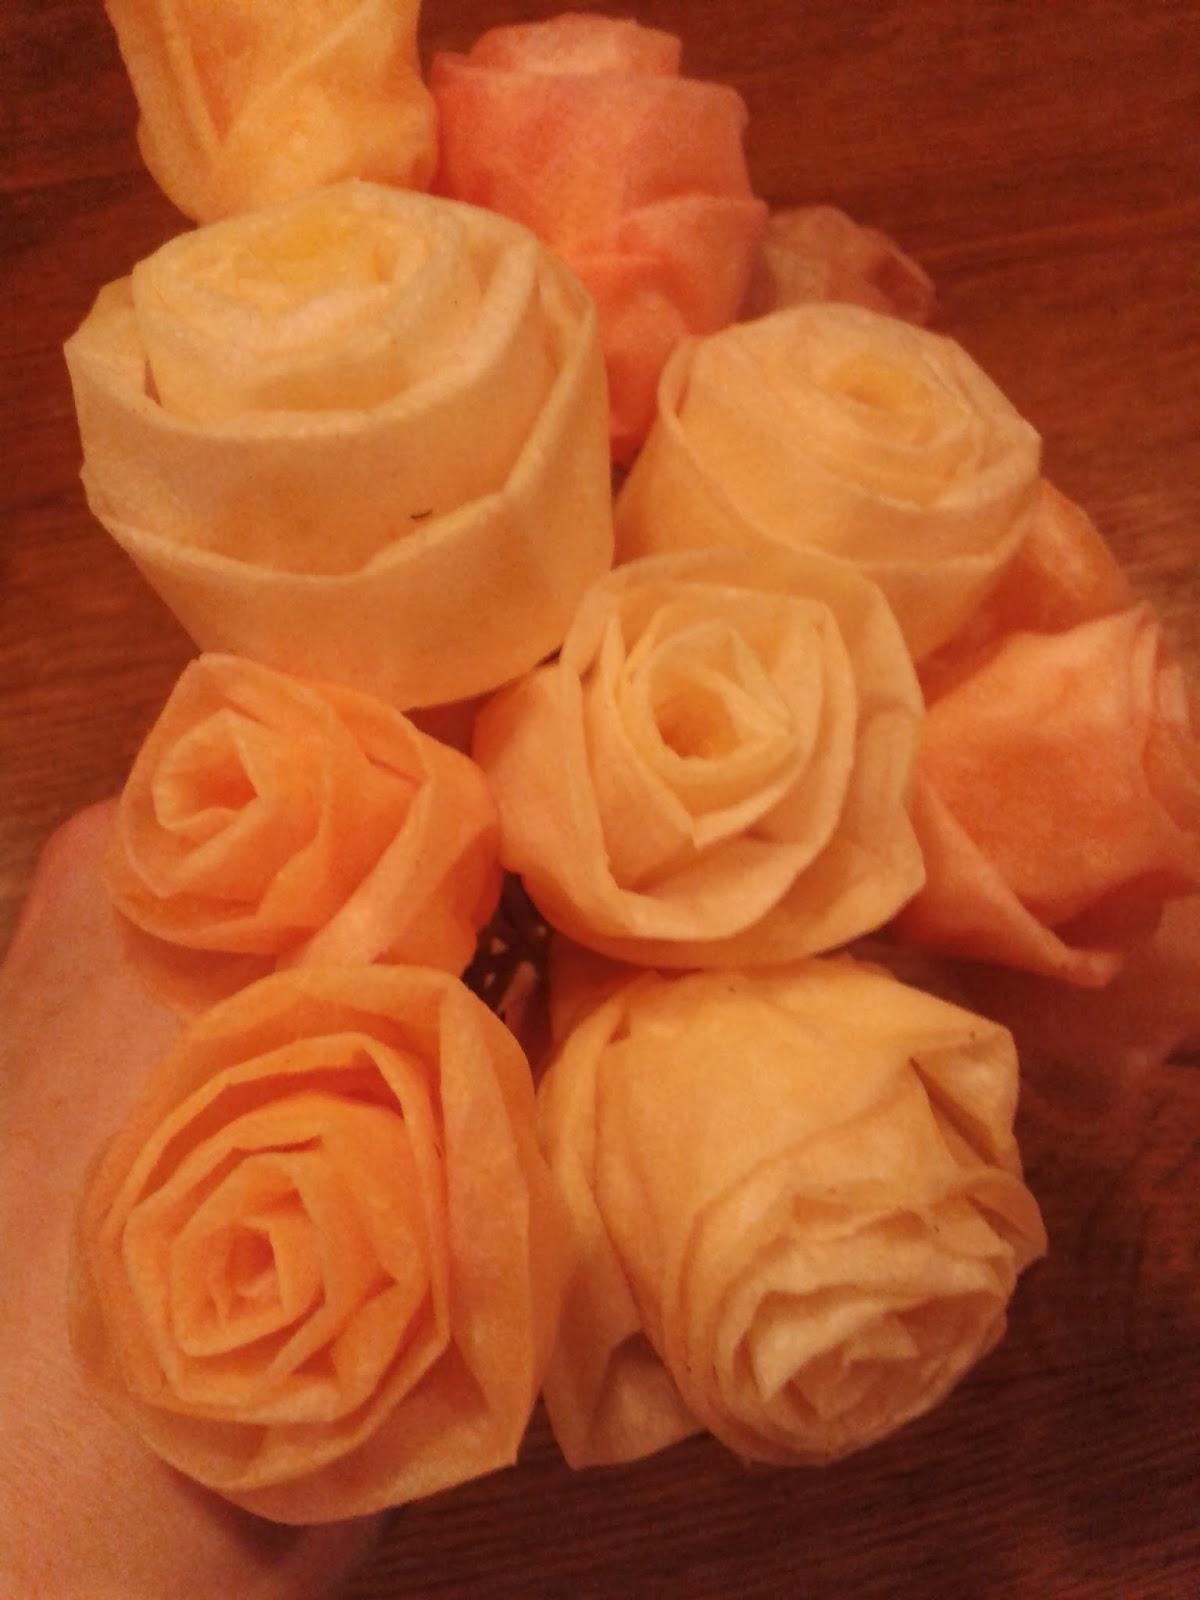 2014 03 07+20.32.32 - DIY Roosjes